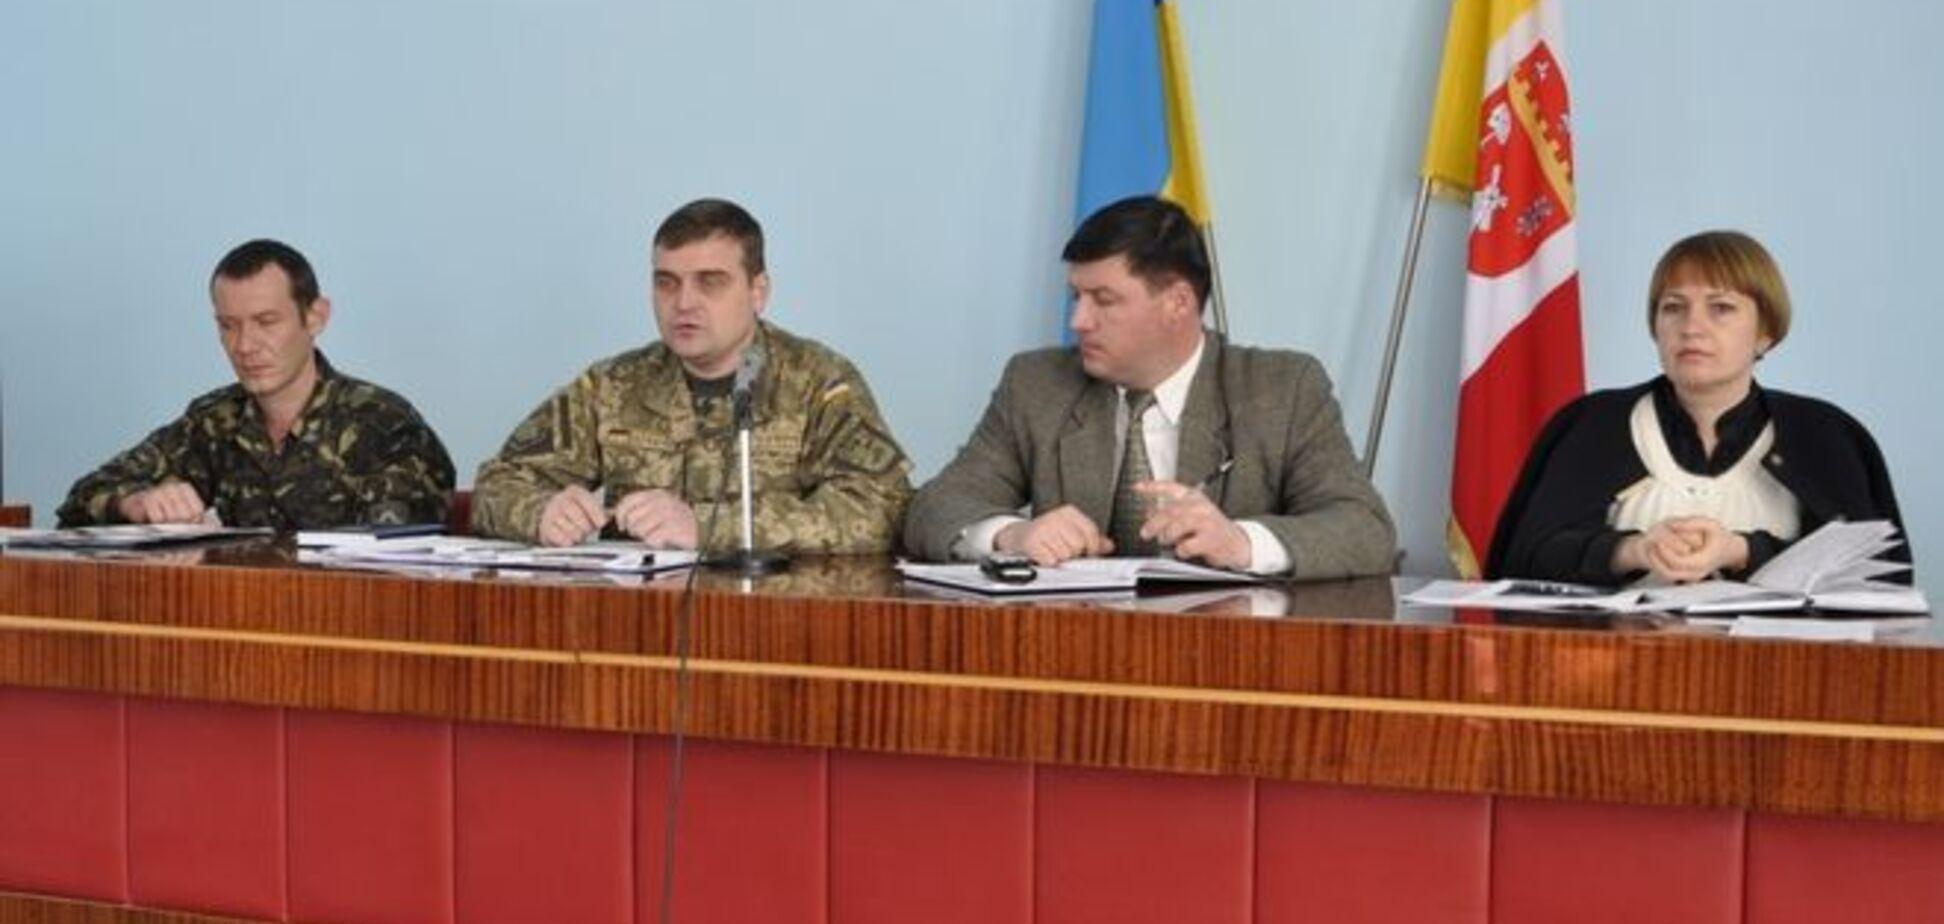 Район в Одесской области мобилизовал только трех человек, и тех комиссовали